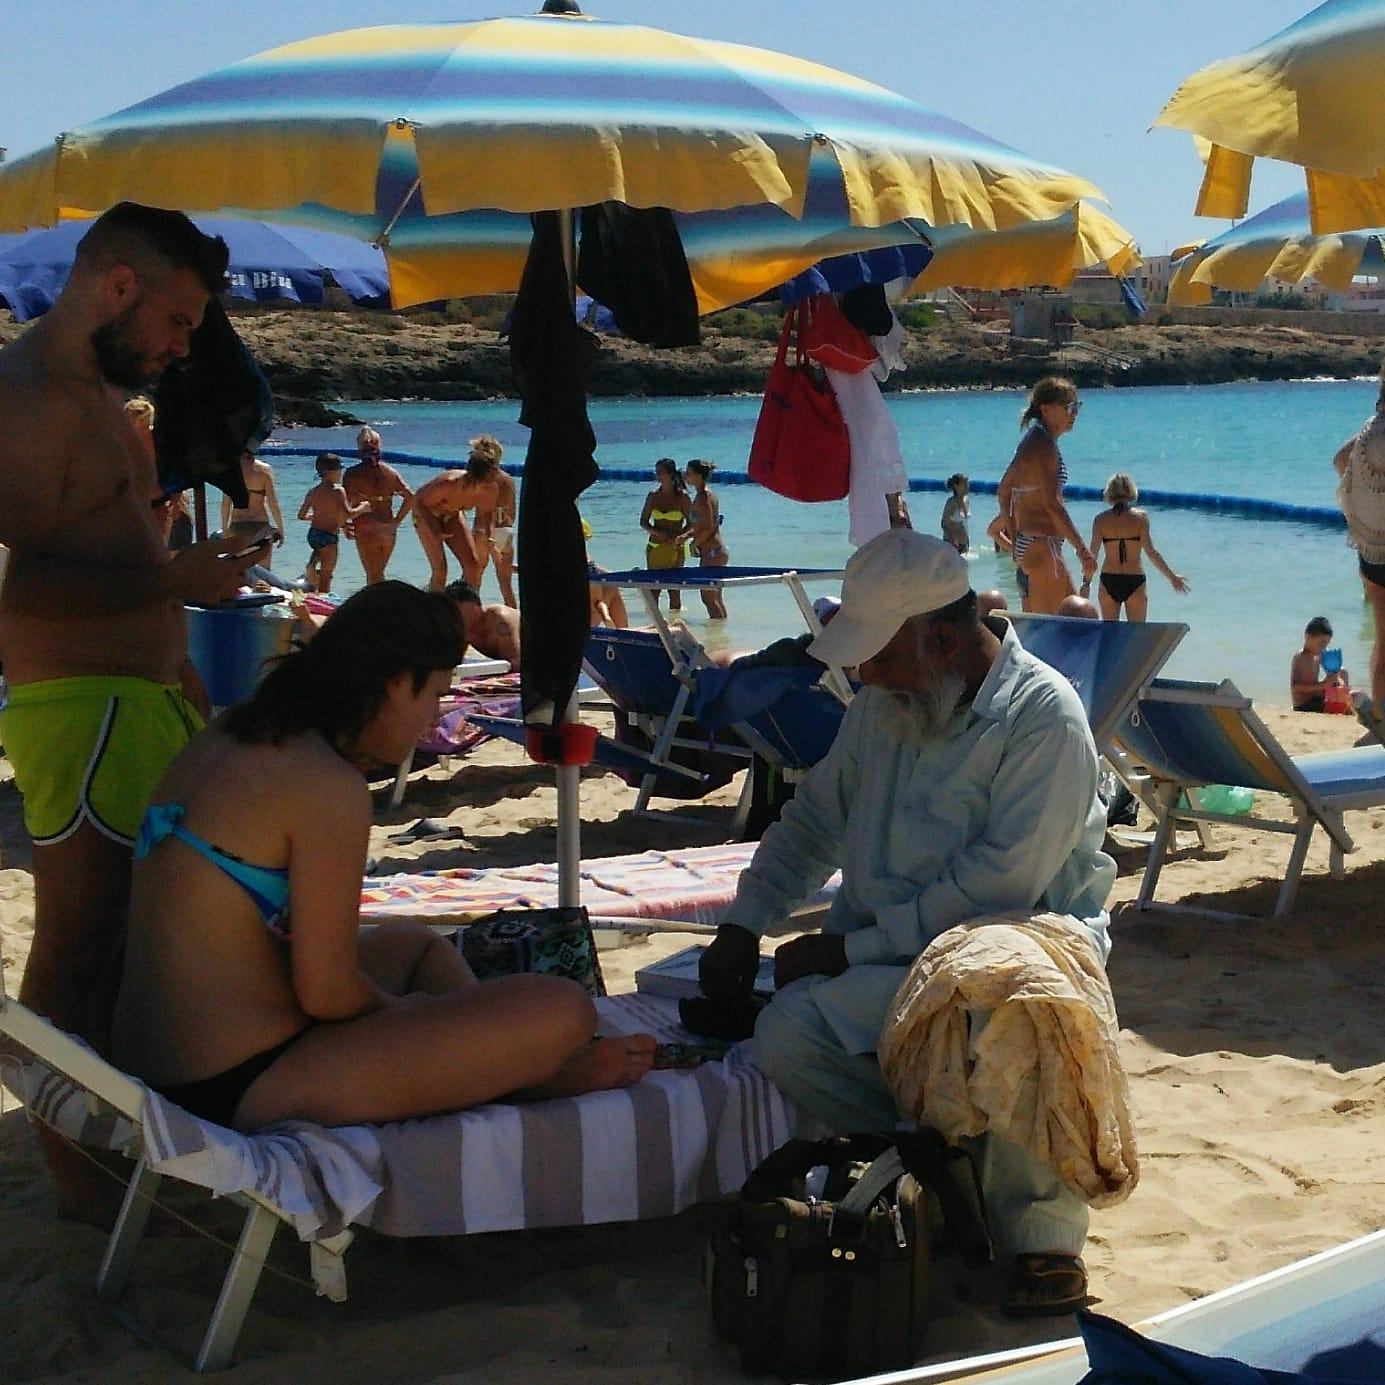 ランペドゥーザ島・ビーチリゾートの写真